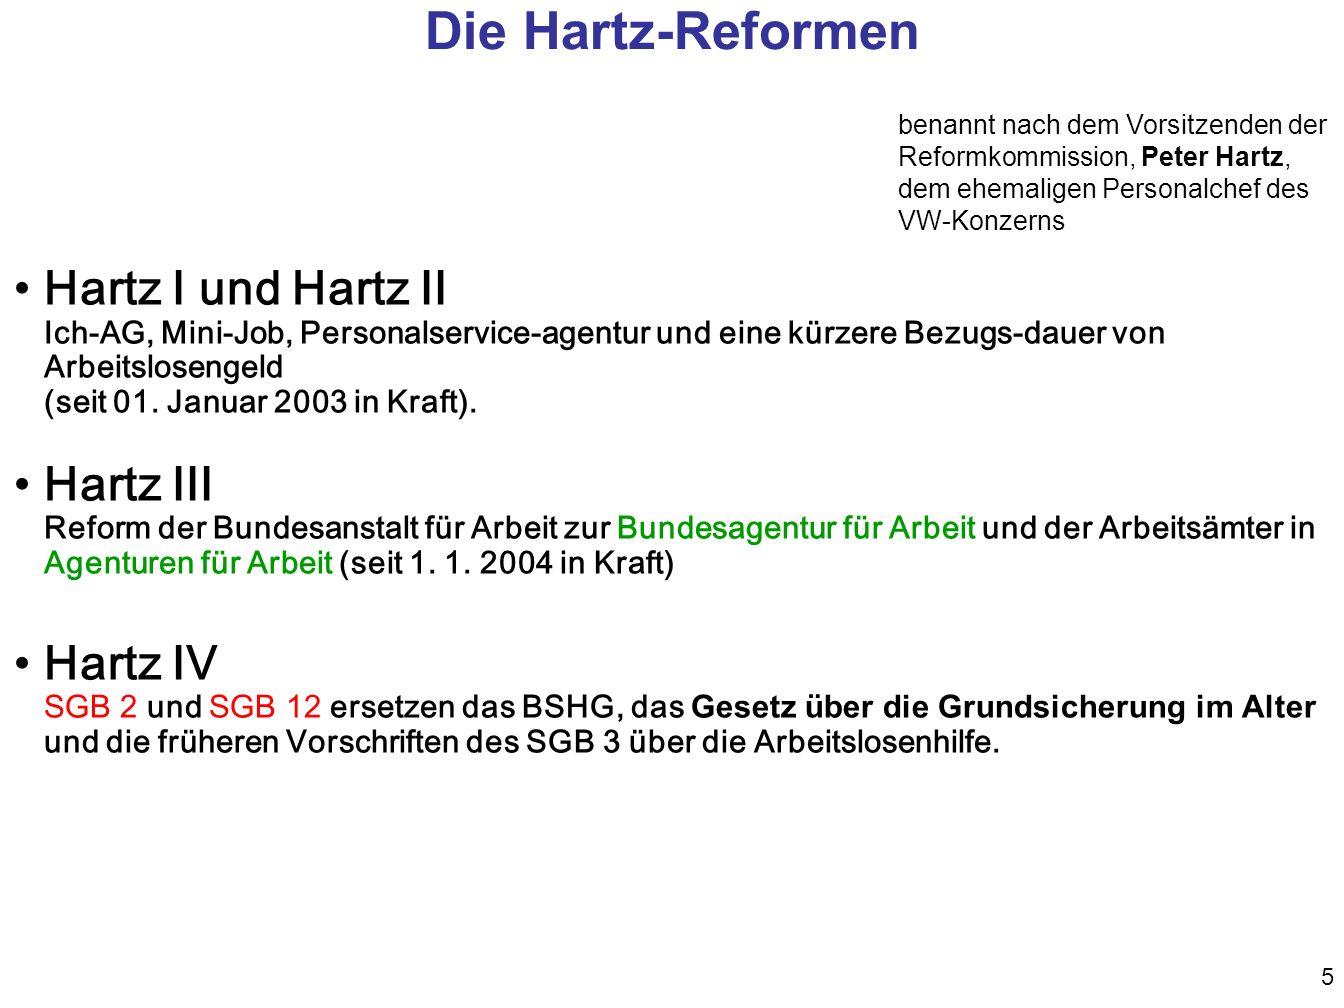 Die Hartz-Reformen benannt nach dem Vorsitzenden der Reformkommission, Peter Hartz, dem ehemaligen Personalchef des VW-Konzerns.